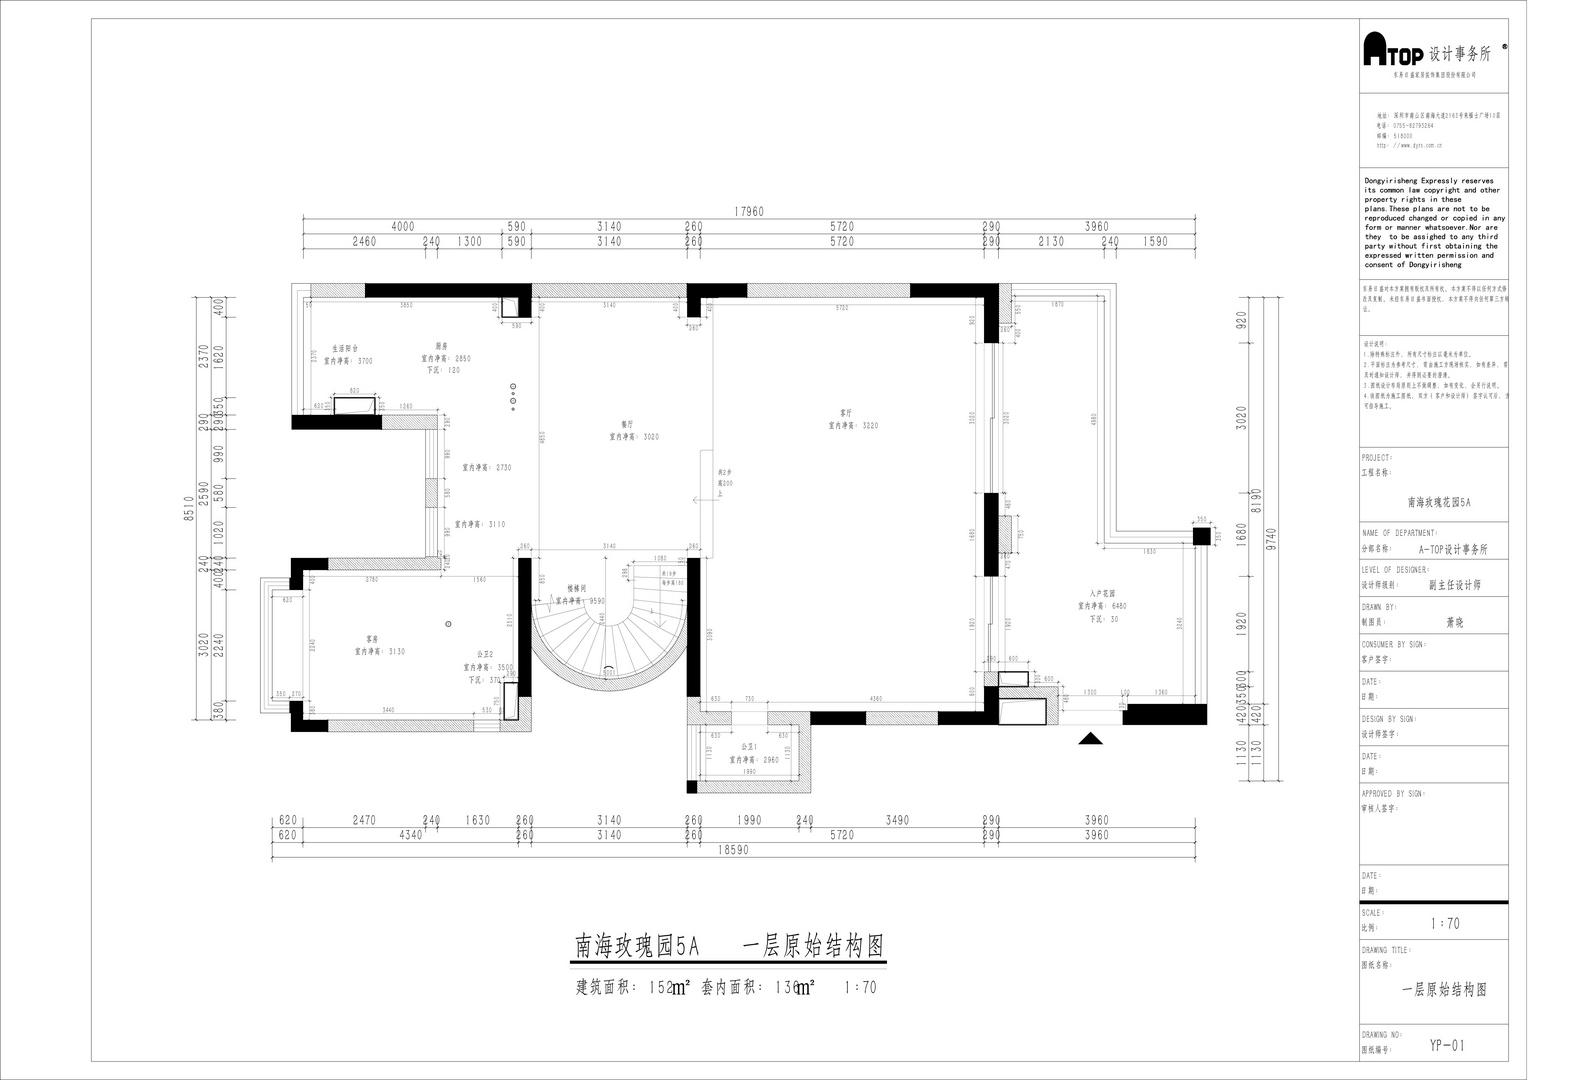 南海玫瑰花园-现代极简风格-369平米复式装修案例装修设计理念